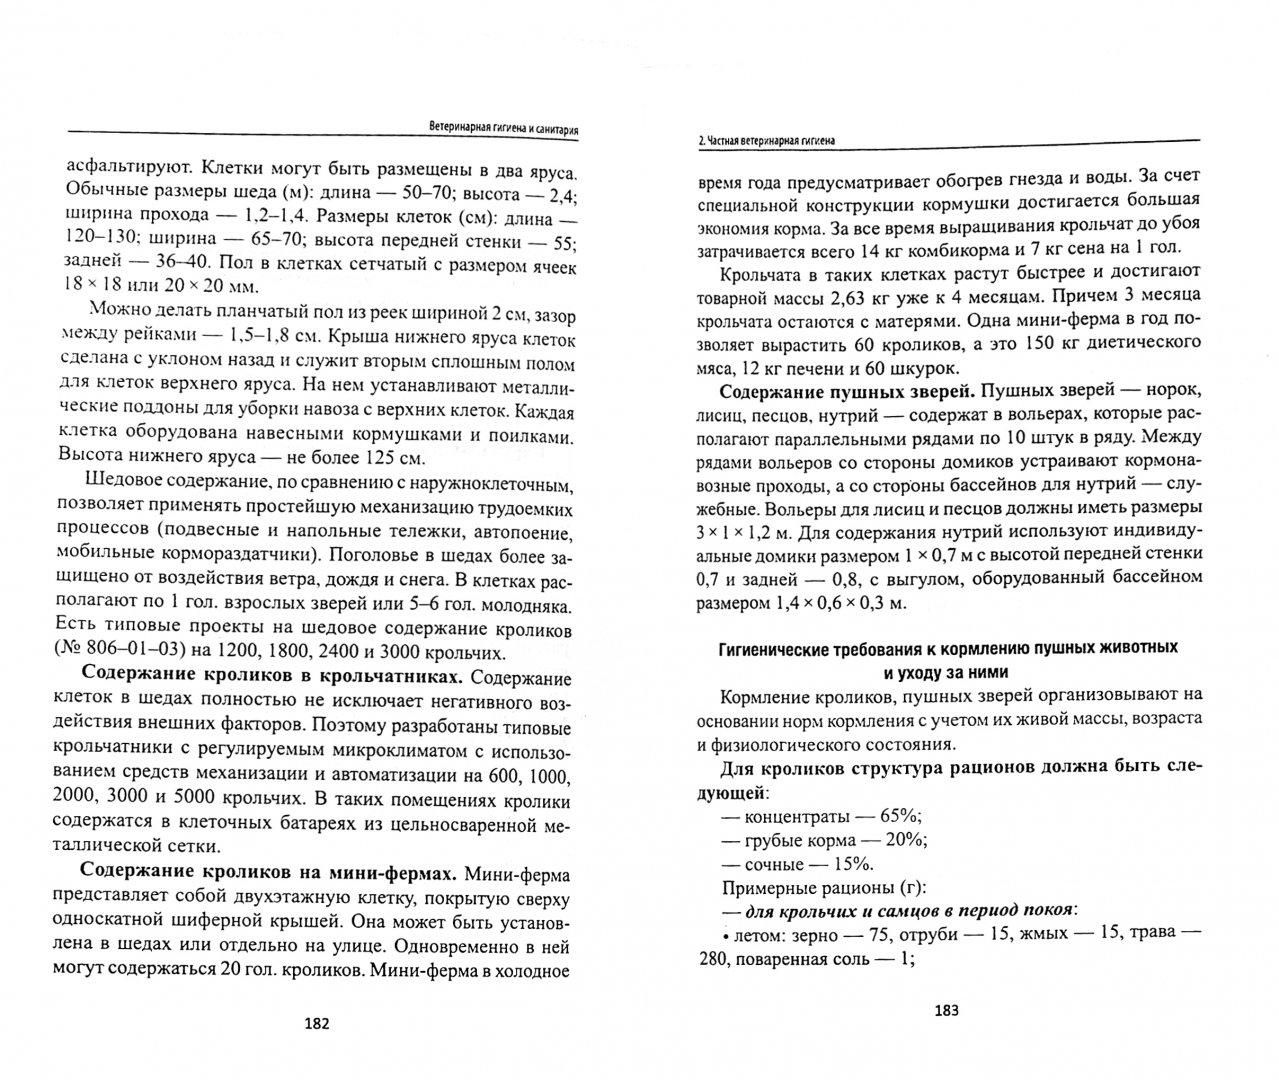 Иллюстрация 1 из 5 для Ветеринарная гигиена и санитария. Учебное пособие - Хакимов, Юнушева | Лабиринт - книги. Источник: Лабиринт